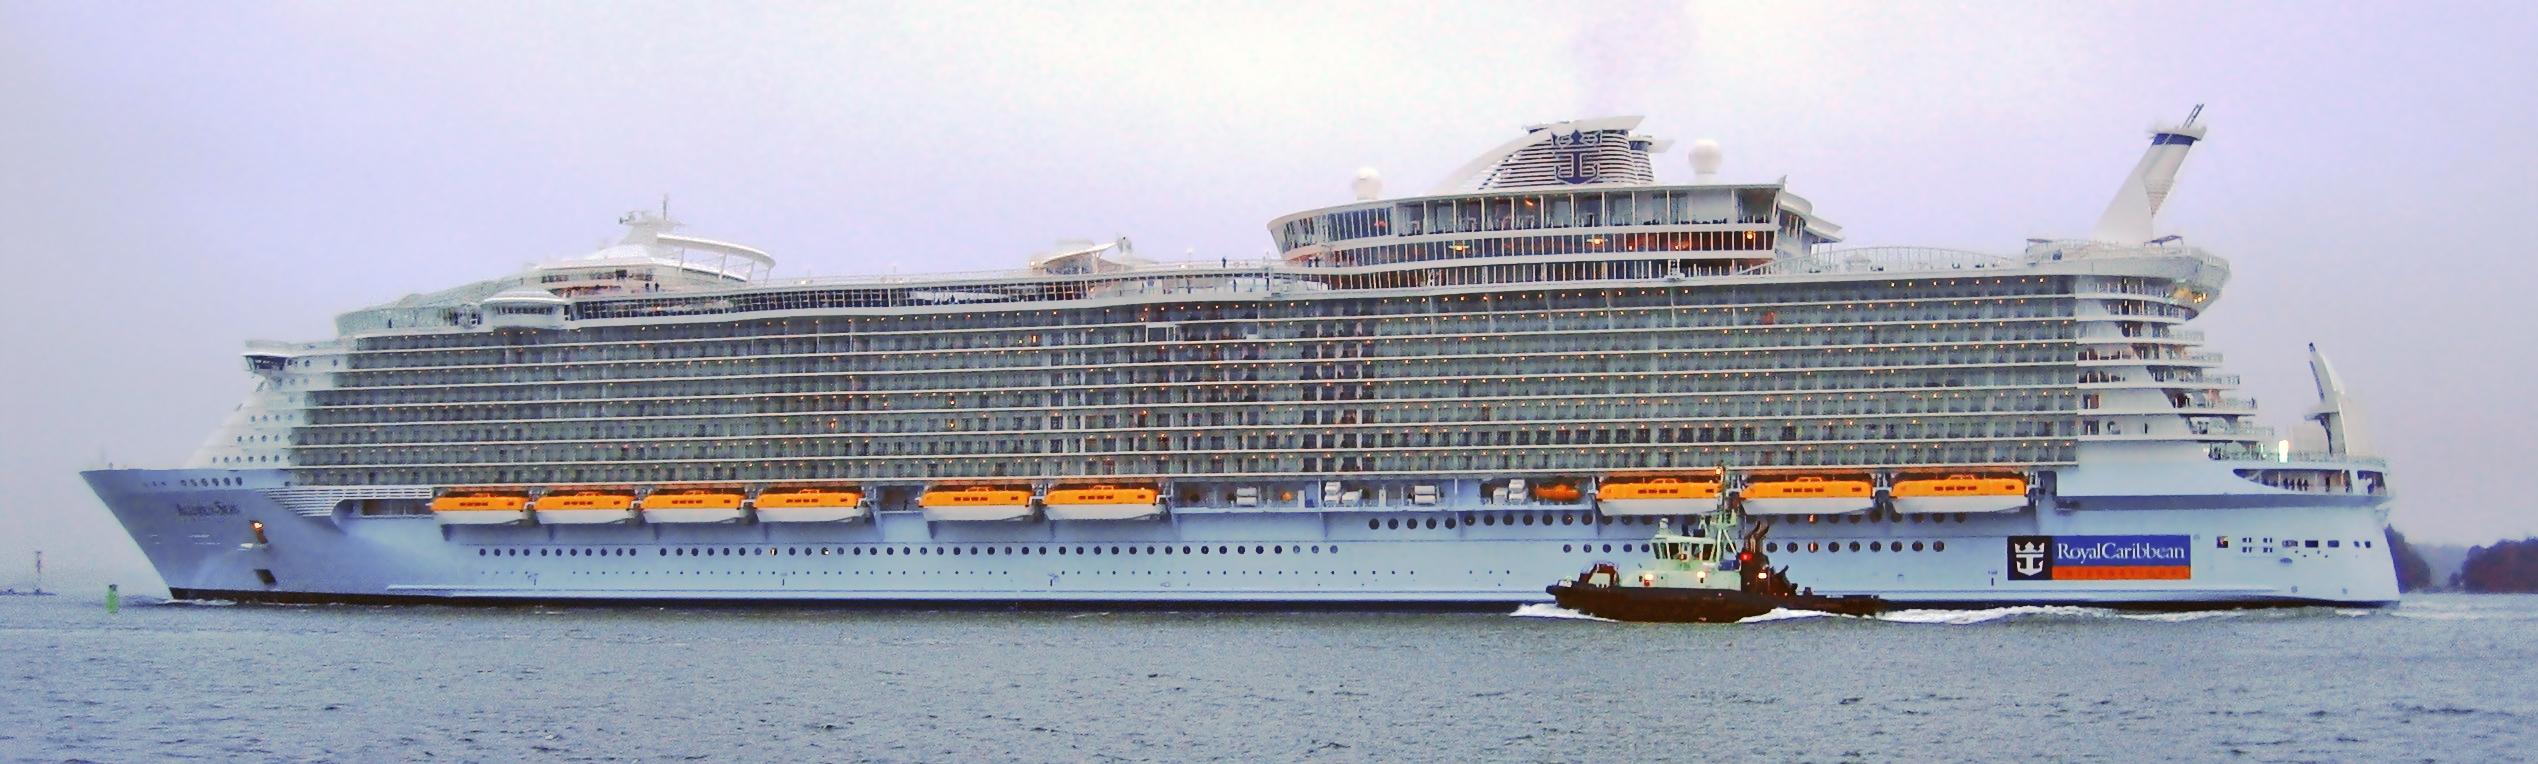 Allure of The Seas va fi pozitionat in Europa